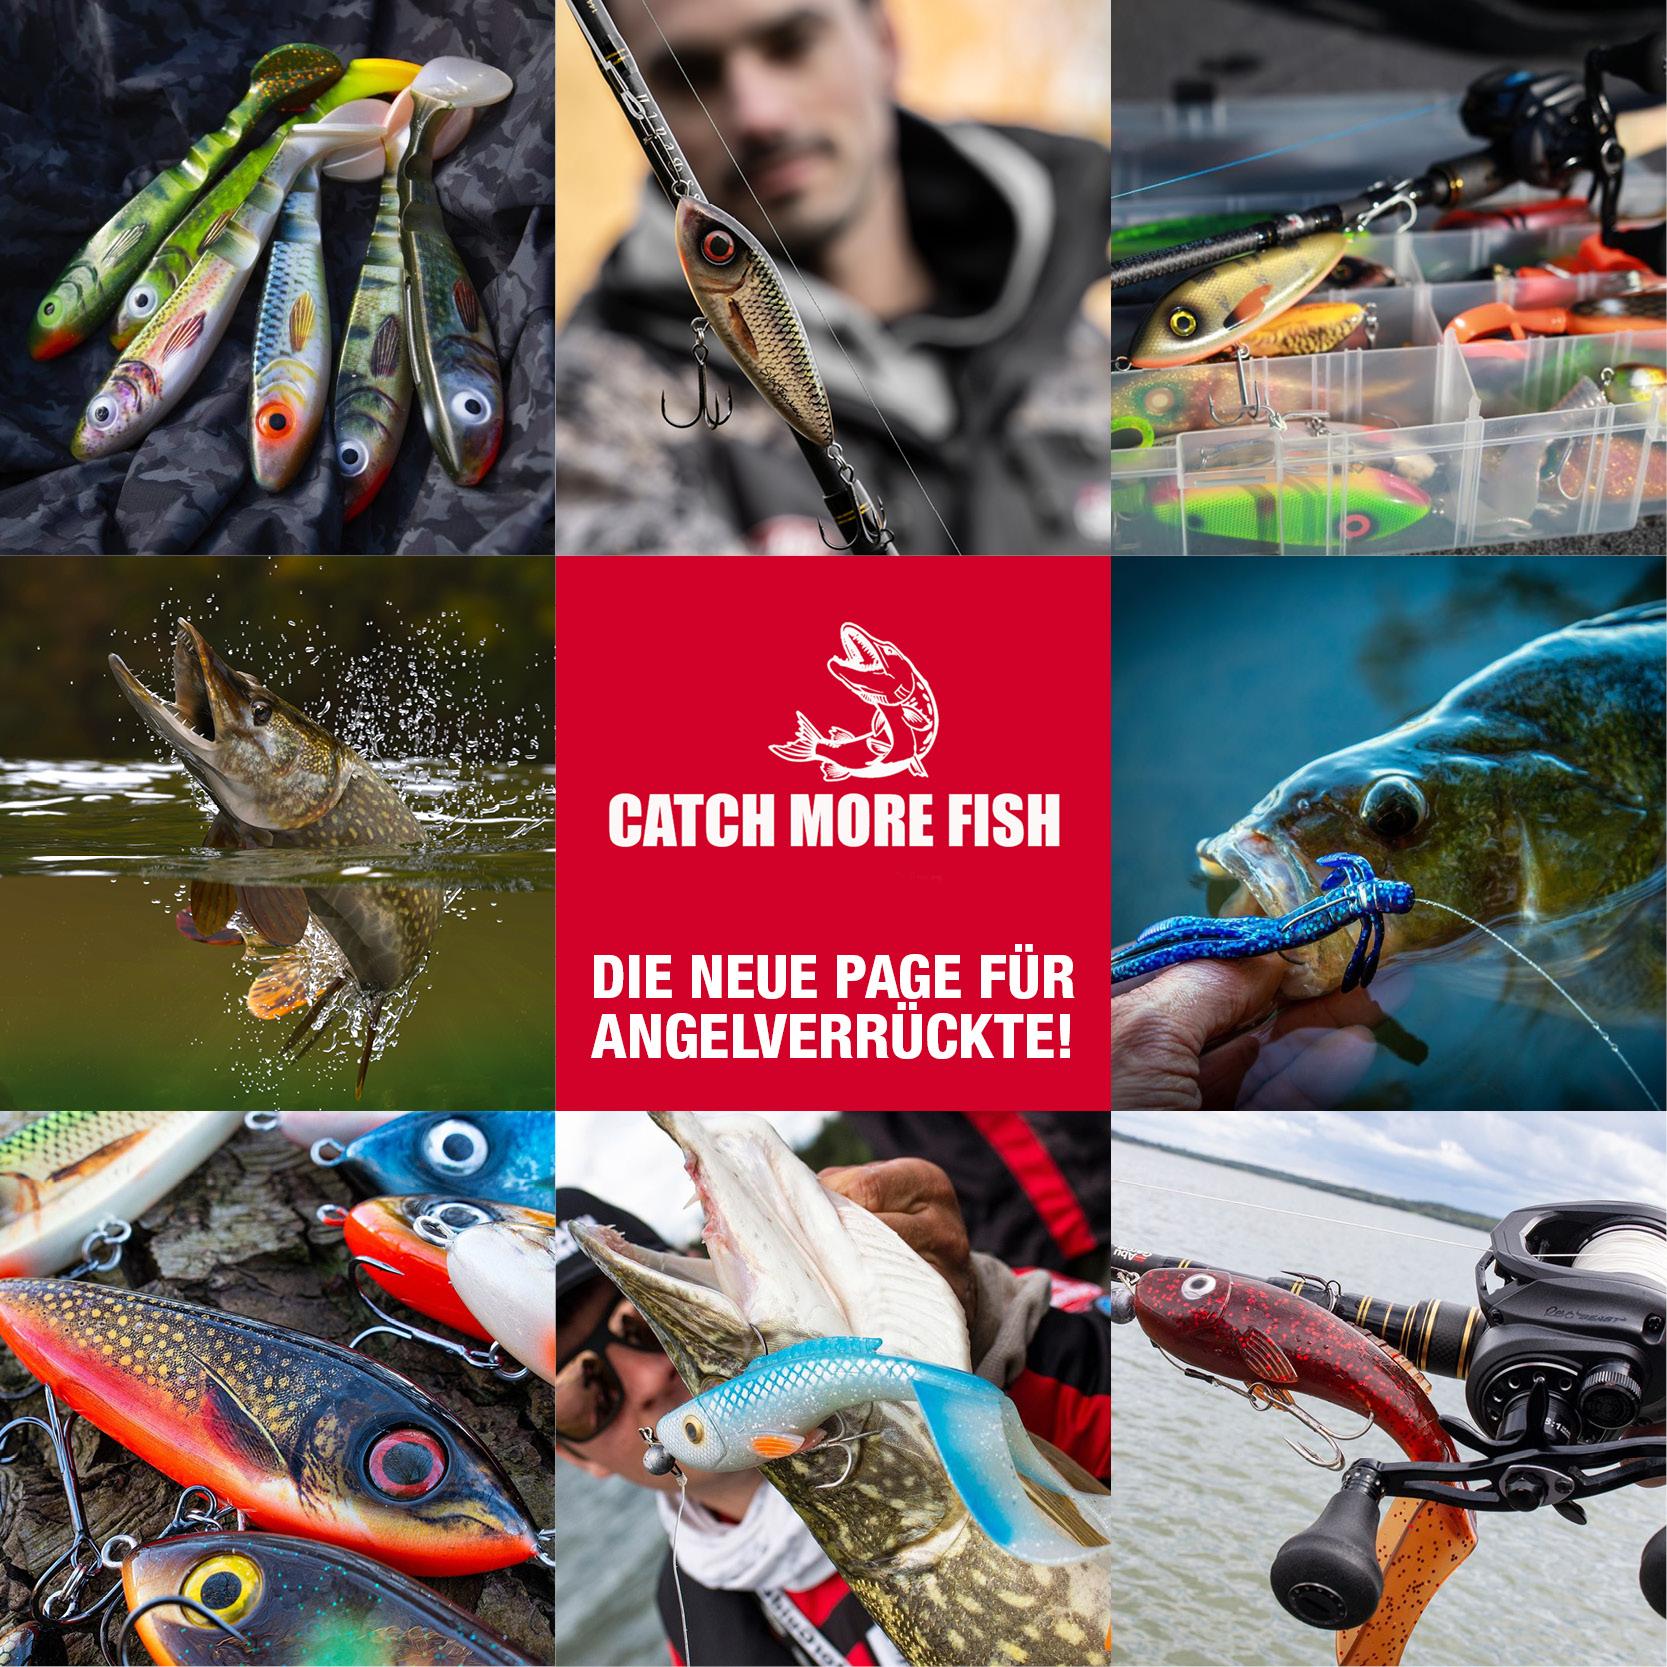 Catch more Fish_facebook_Quadrate_Collage_2.jpg